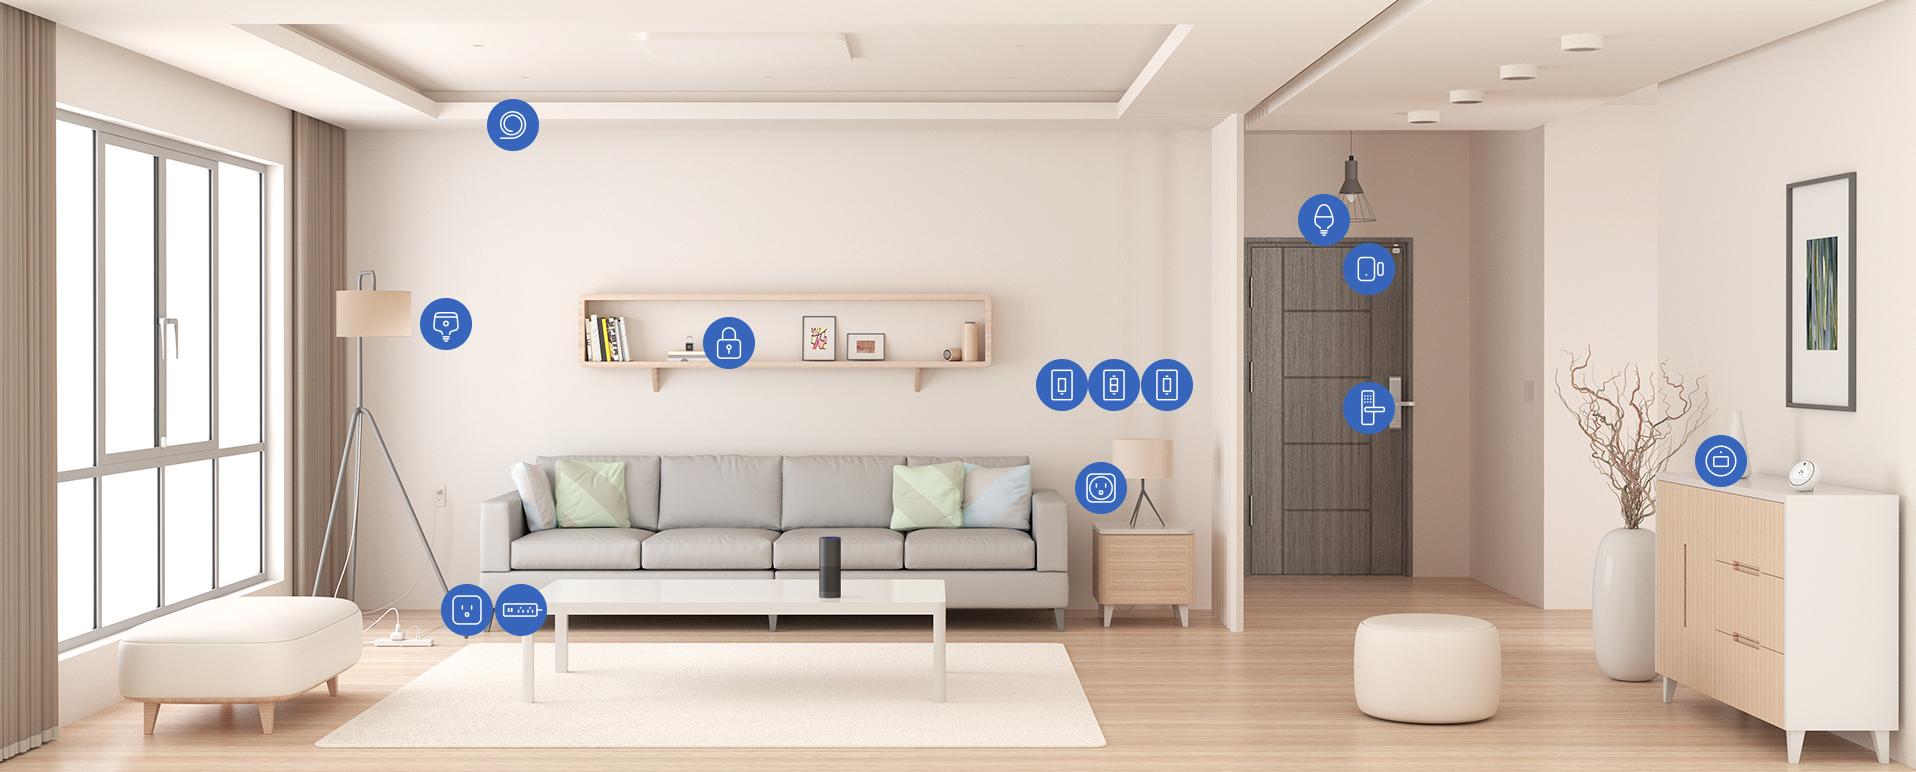 خانه هوشمند ساده | بدون نیاز به سیم کشی | هوشمندسازی بی سیم